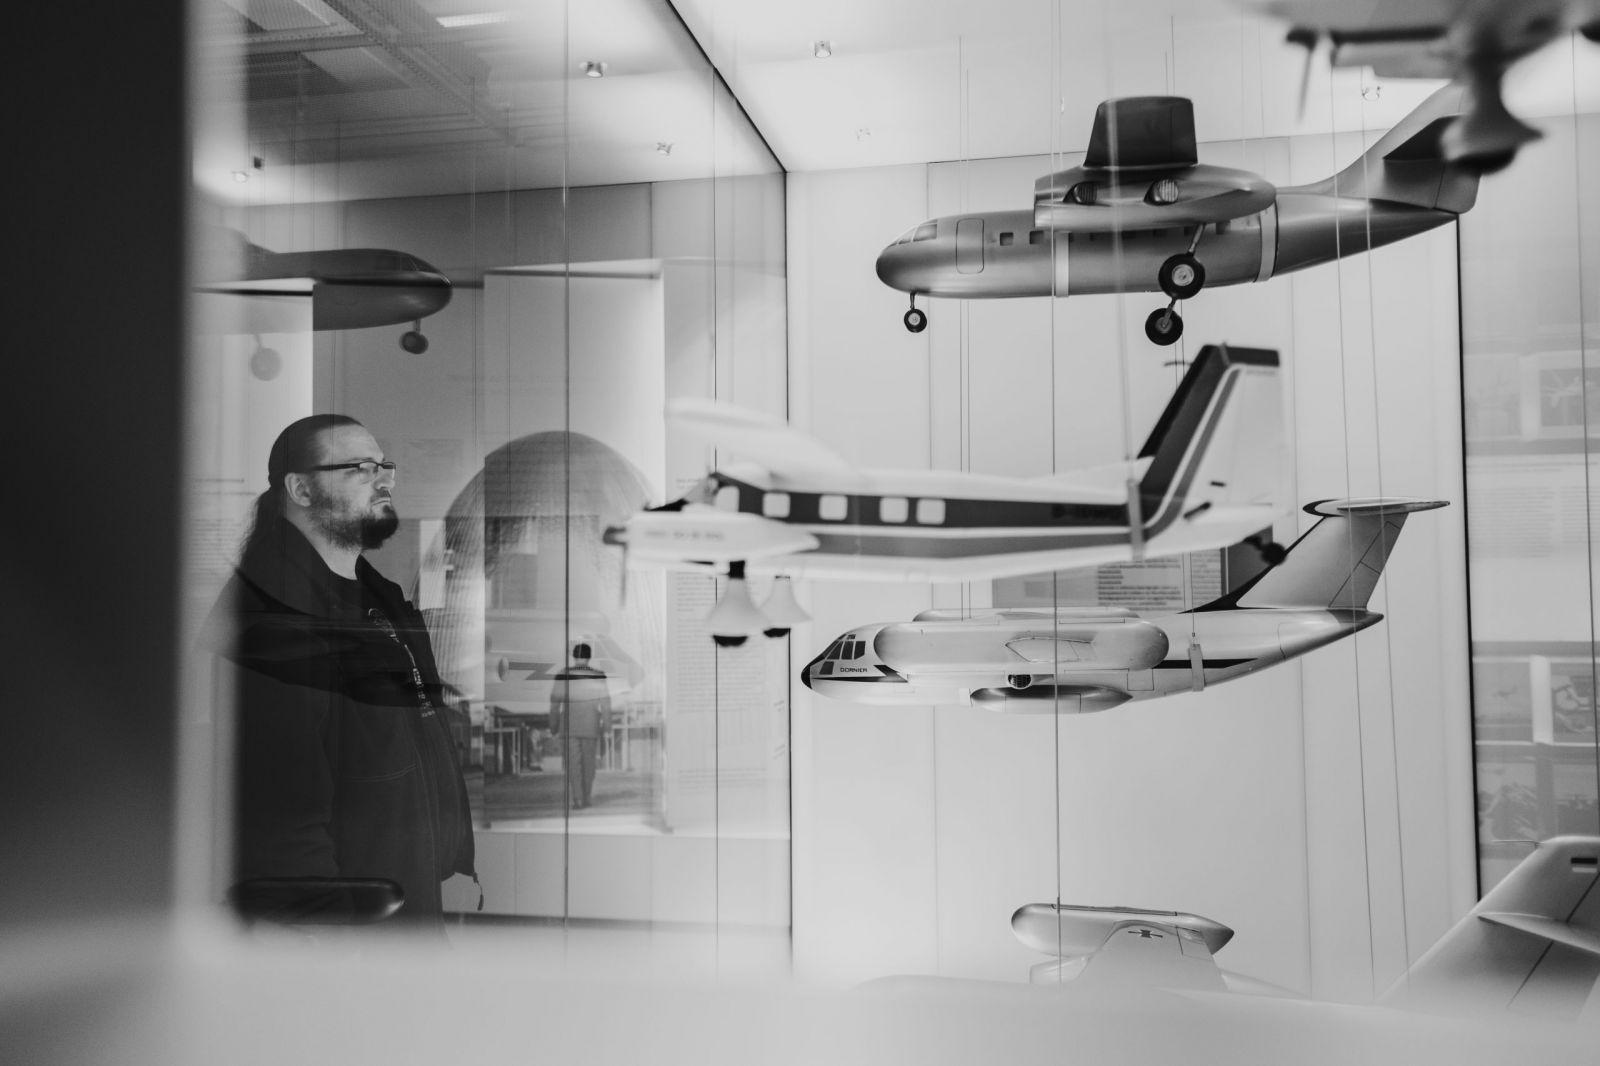 Fotograf Friedrichshafen - Mann betrachtet Ausstellung im Dorniermuseum in Friedrichshafen